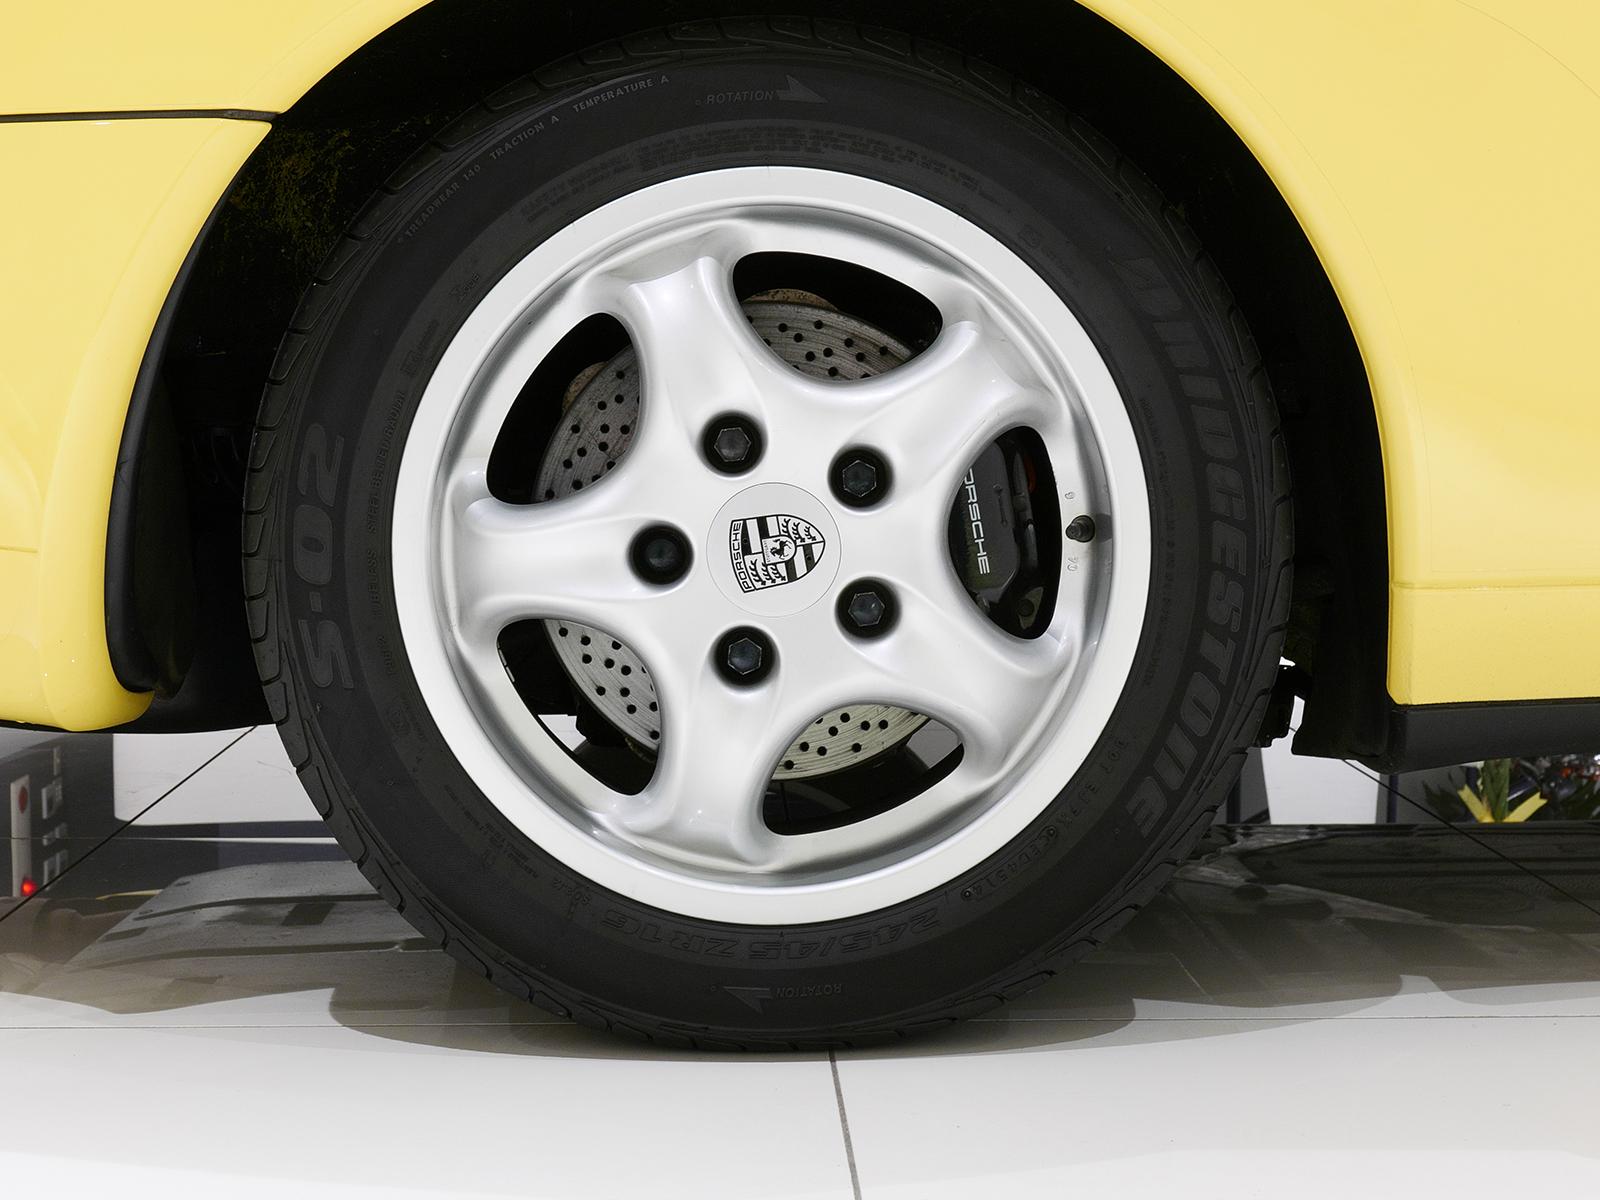 ポルシェ 911 タイプ993 カレラ タイプ Ⅰ フロントホイール